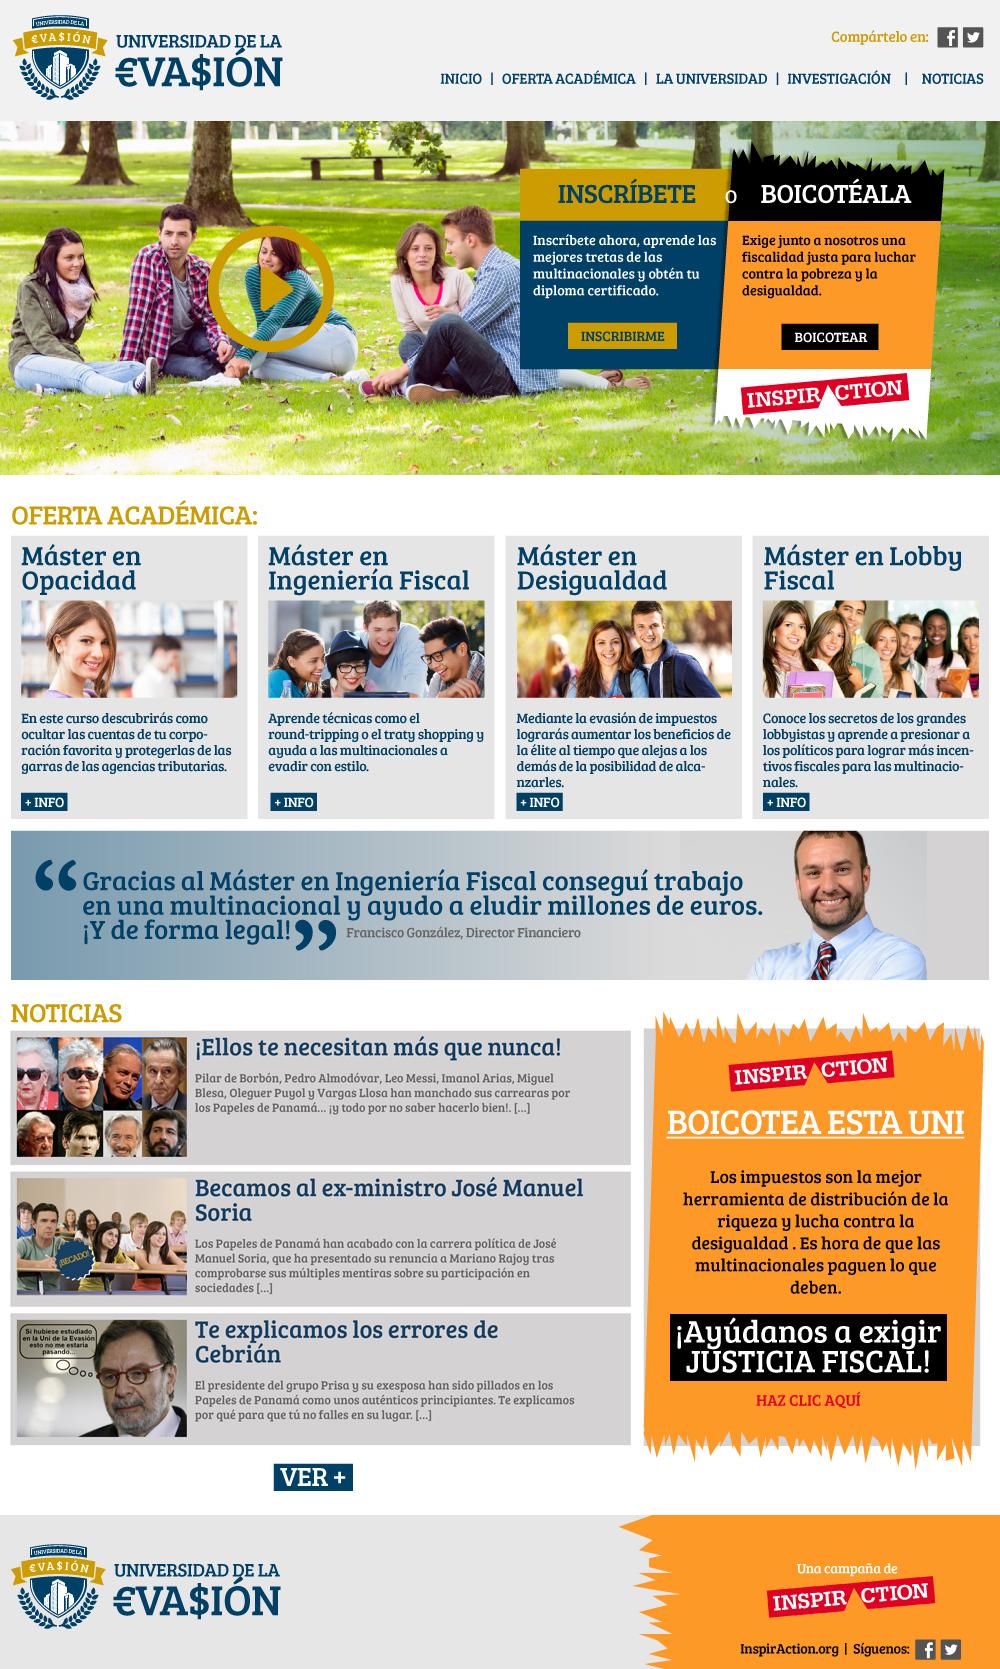 """Sitio web de la """"Universidad de la Evasión"""", una campaña para la ONG InspirAction"""